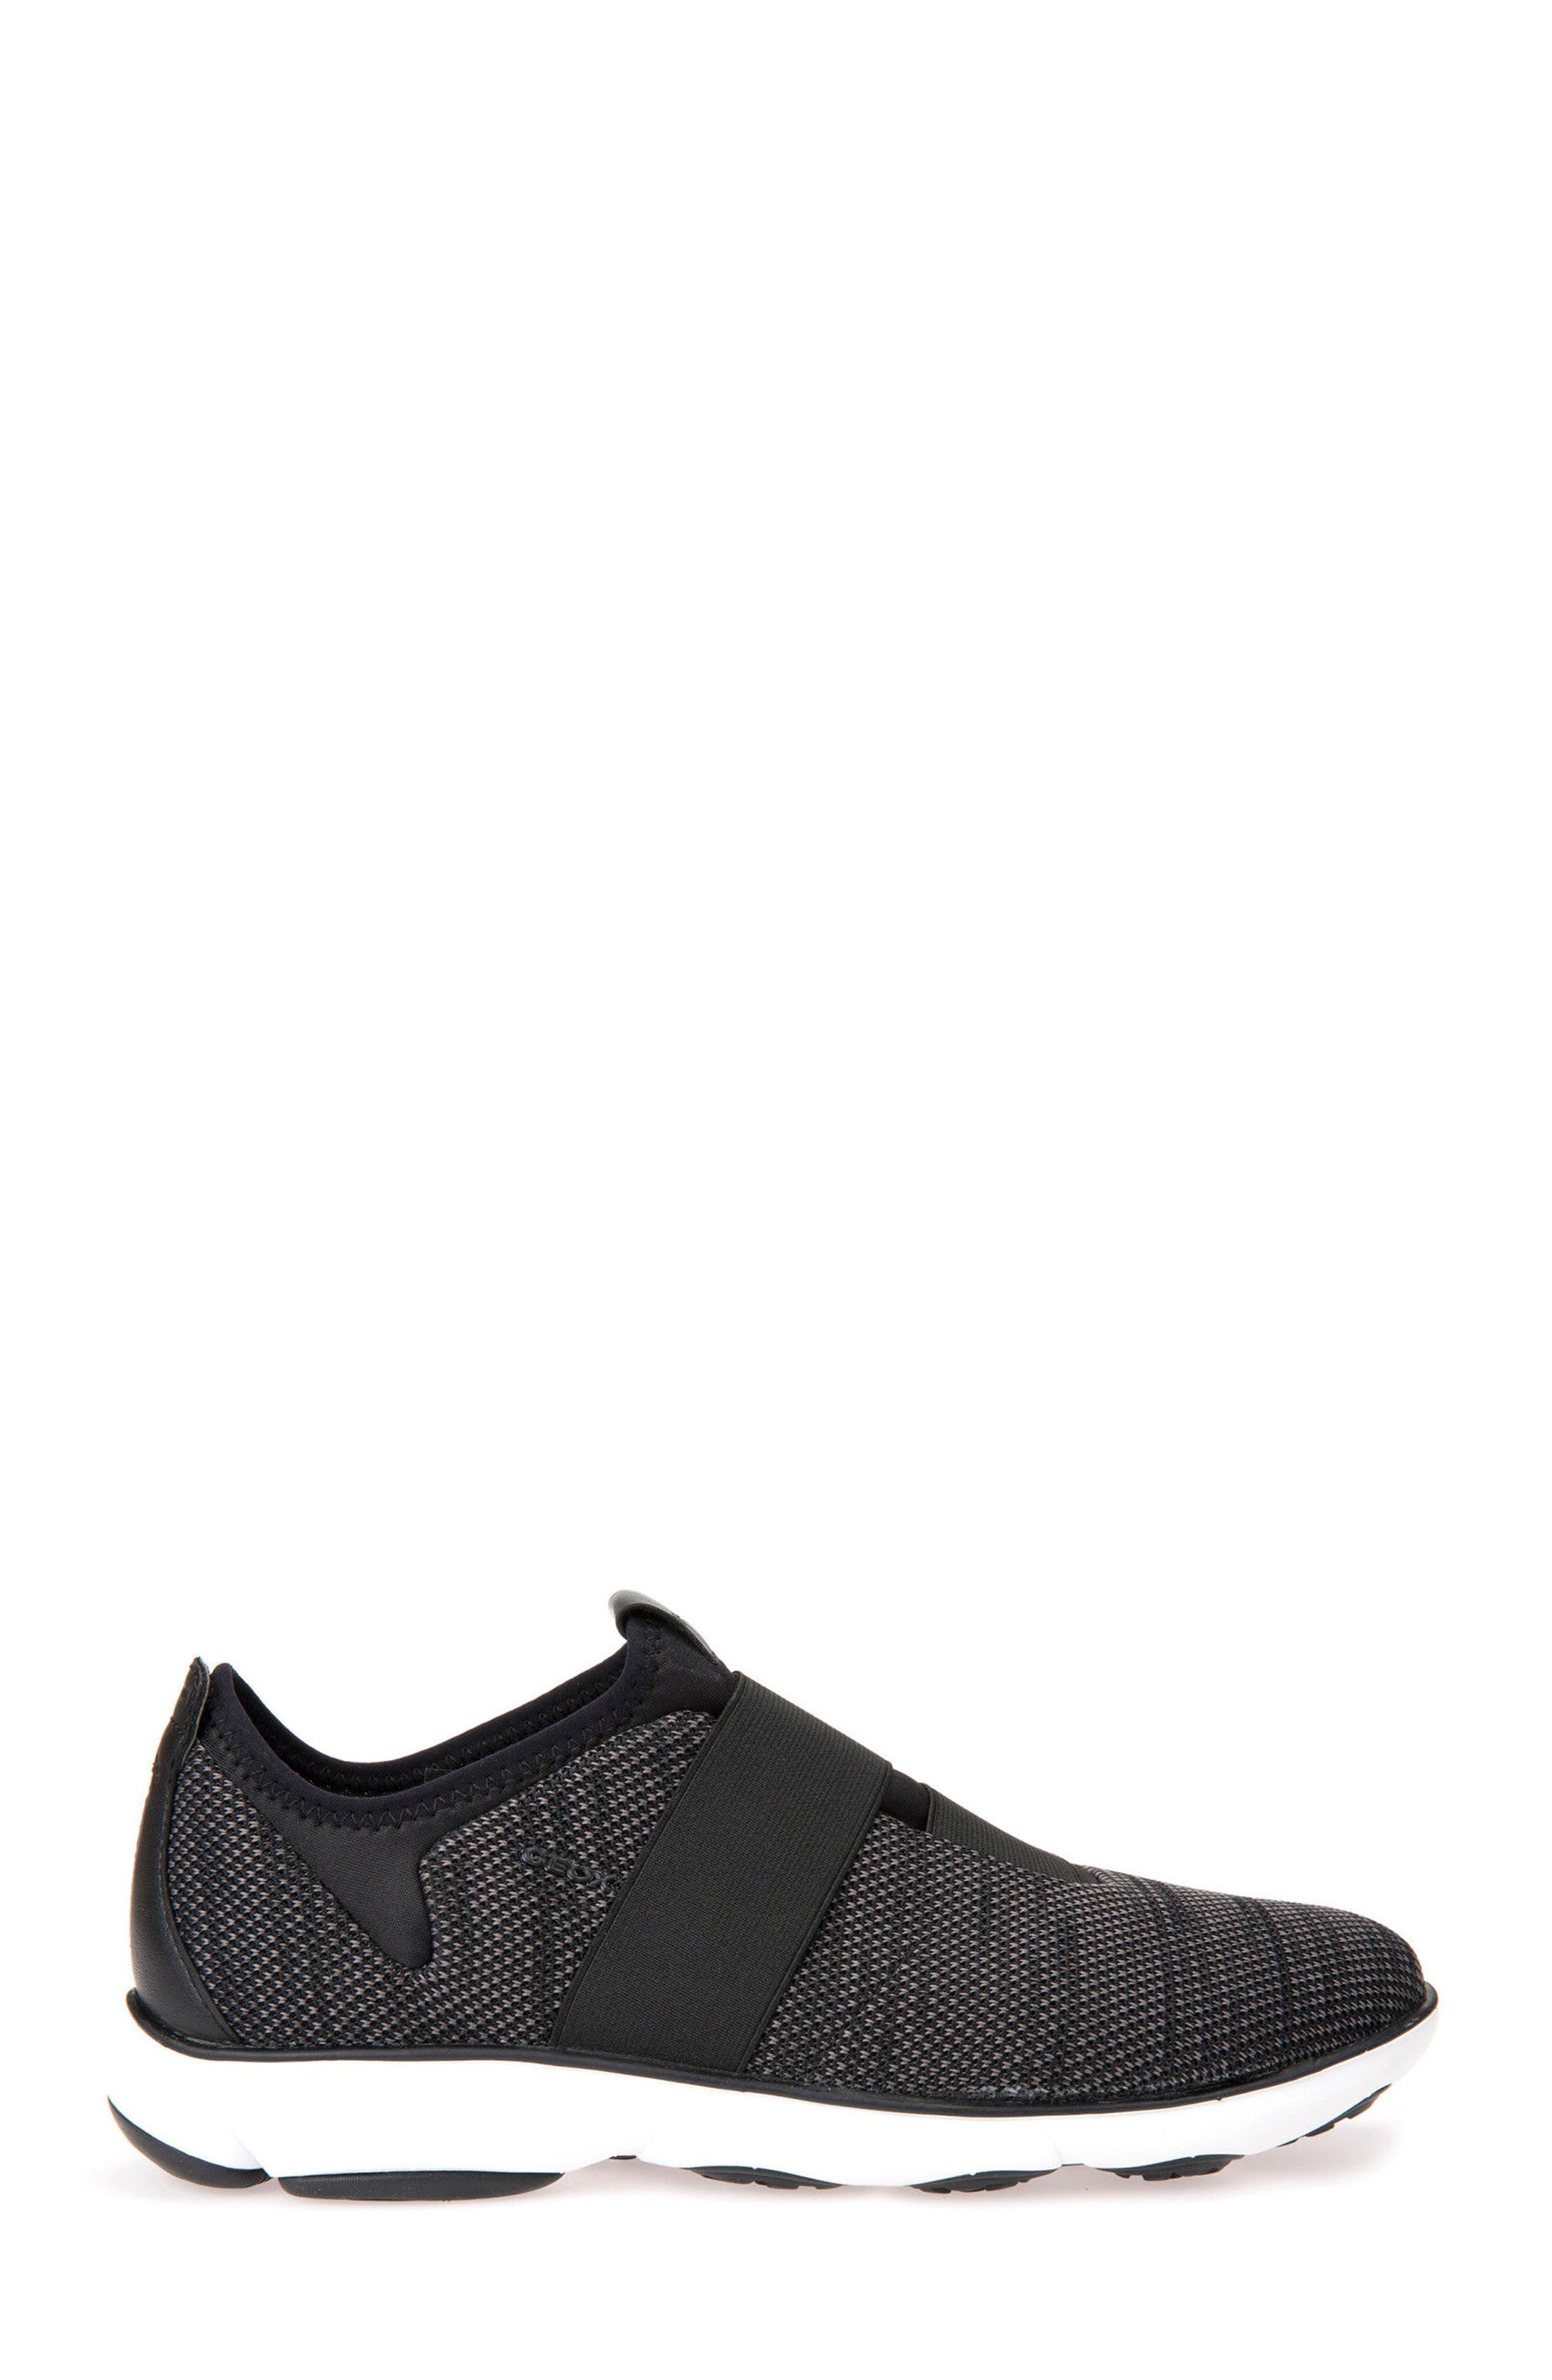 Nebula 45 Banded Slip-On Sneaker,                             Alternate thumbnail 3, color,                             BLACK